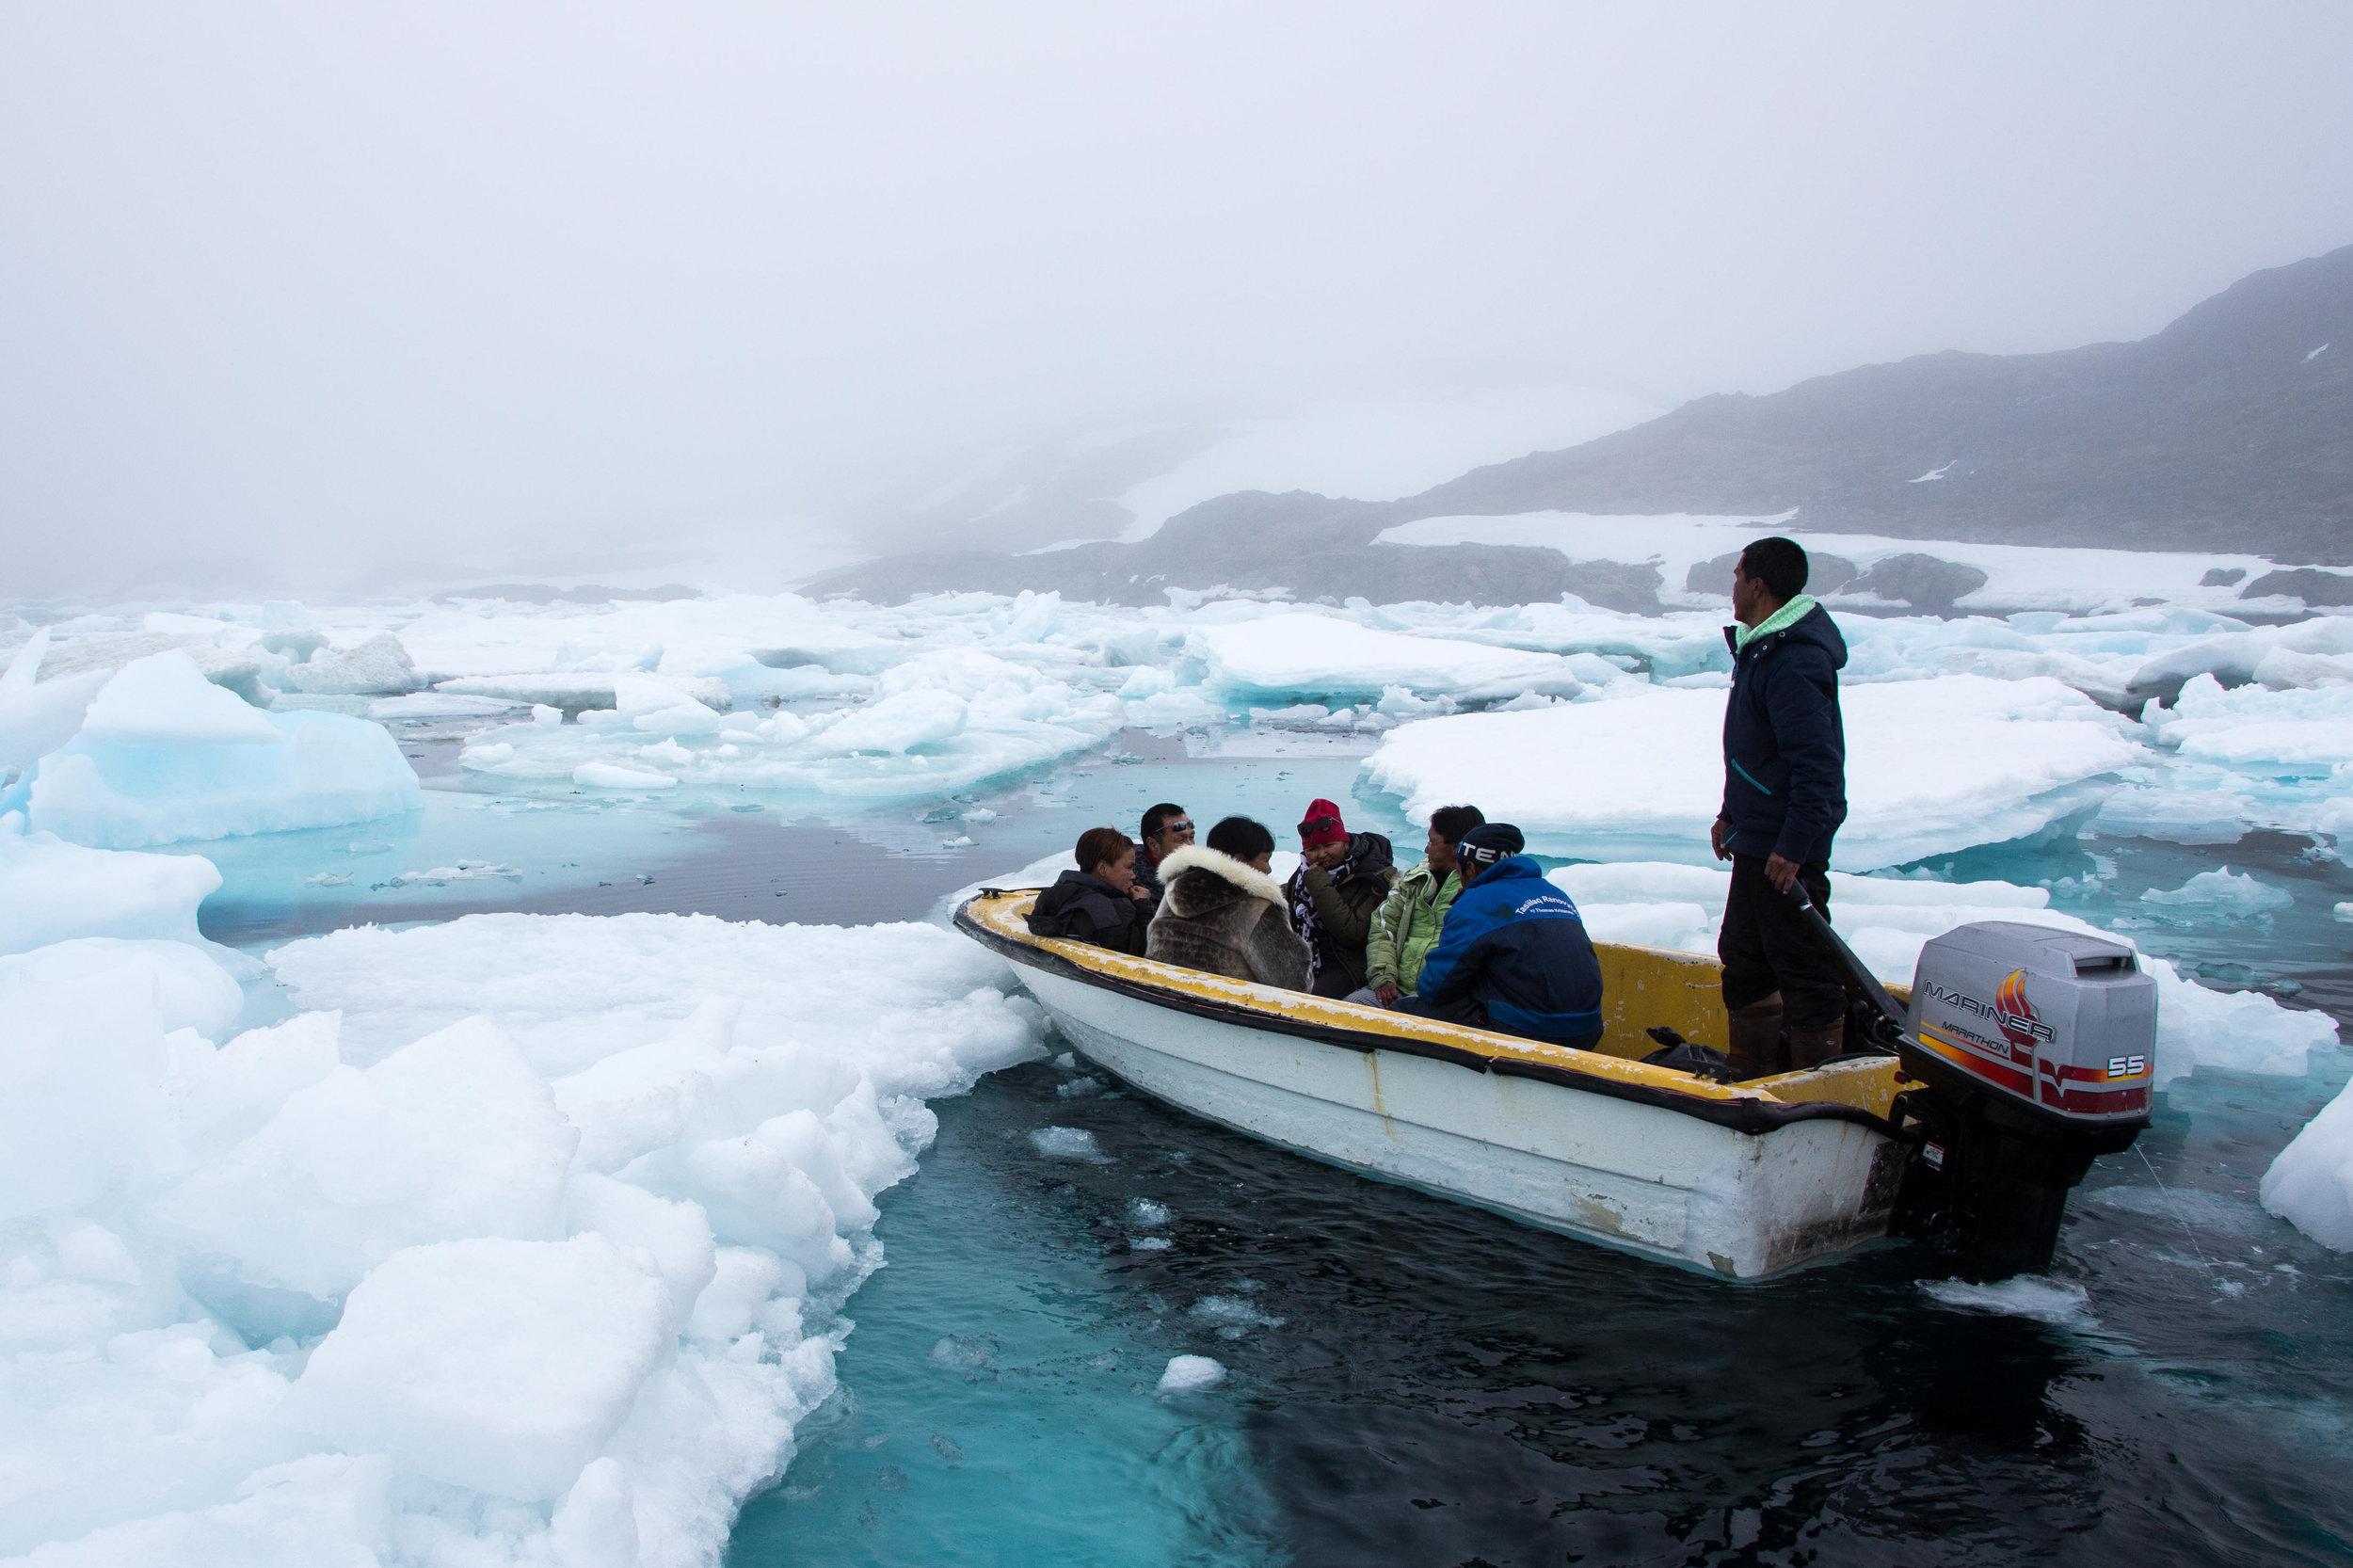 Local Tunumiut travel around icebergs by boat,Kulusuk, East Greenland. Photo: Matt Reichel.